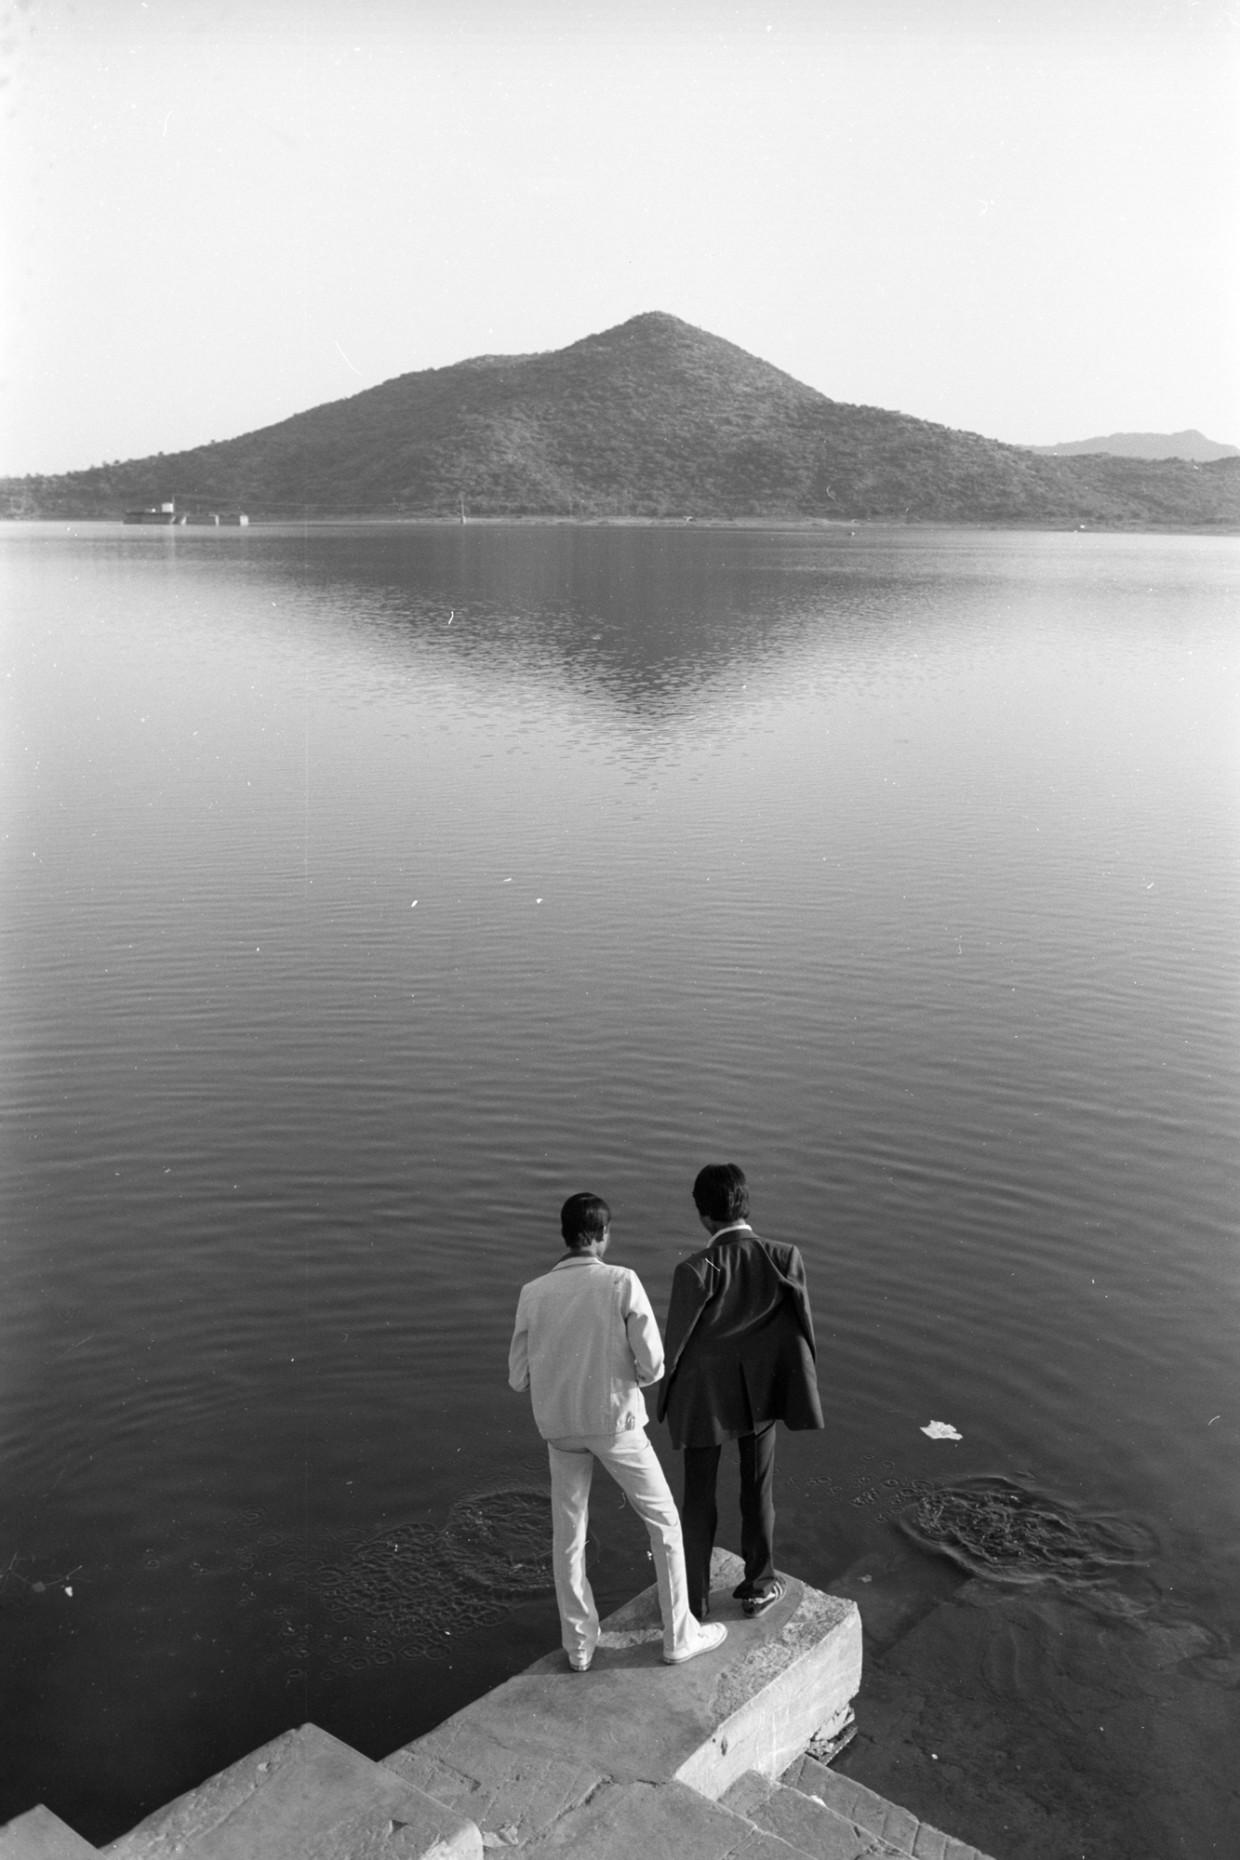 Lake Pichola, Udaipur, 1983